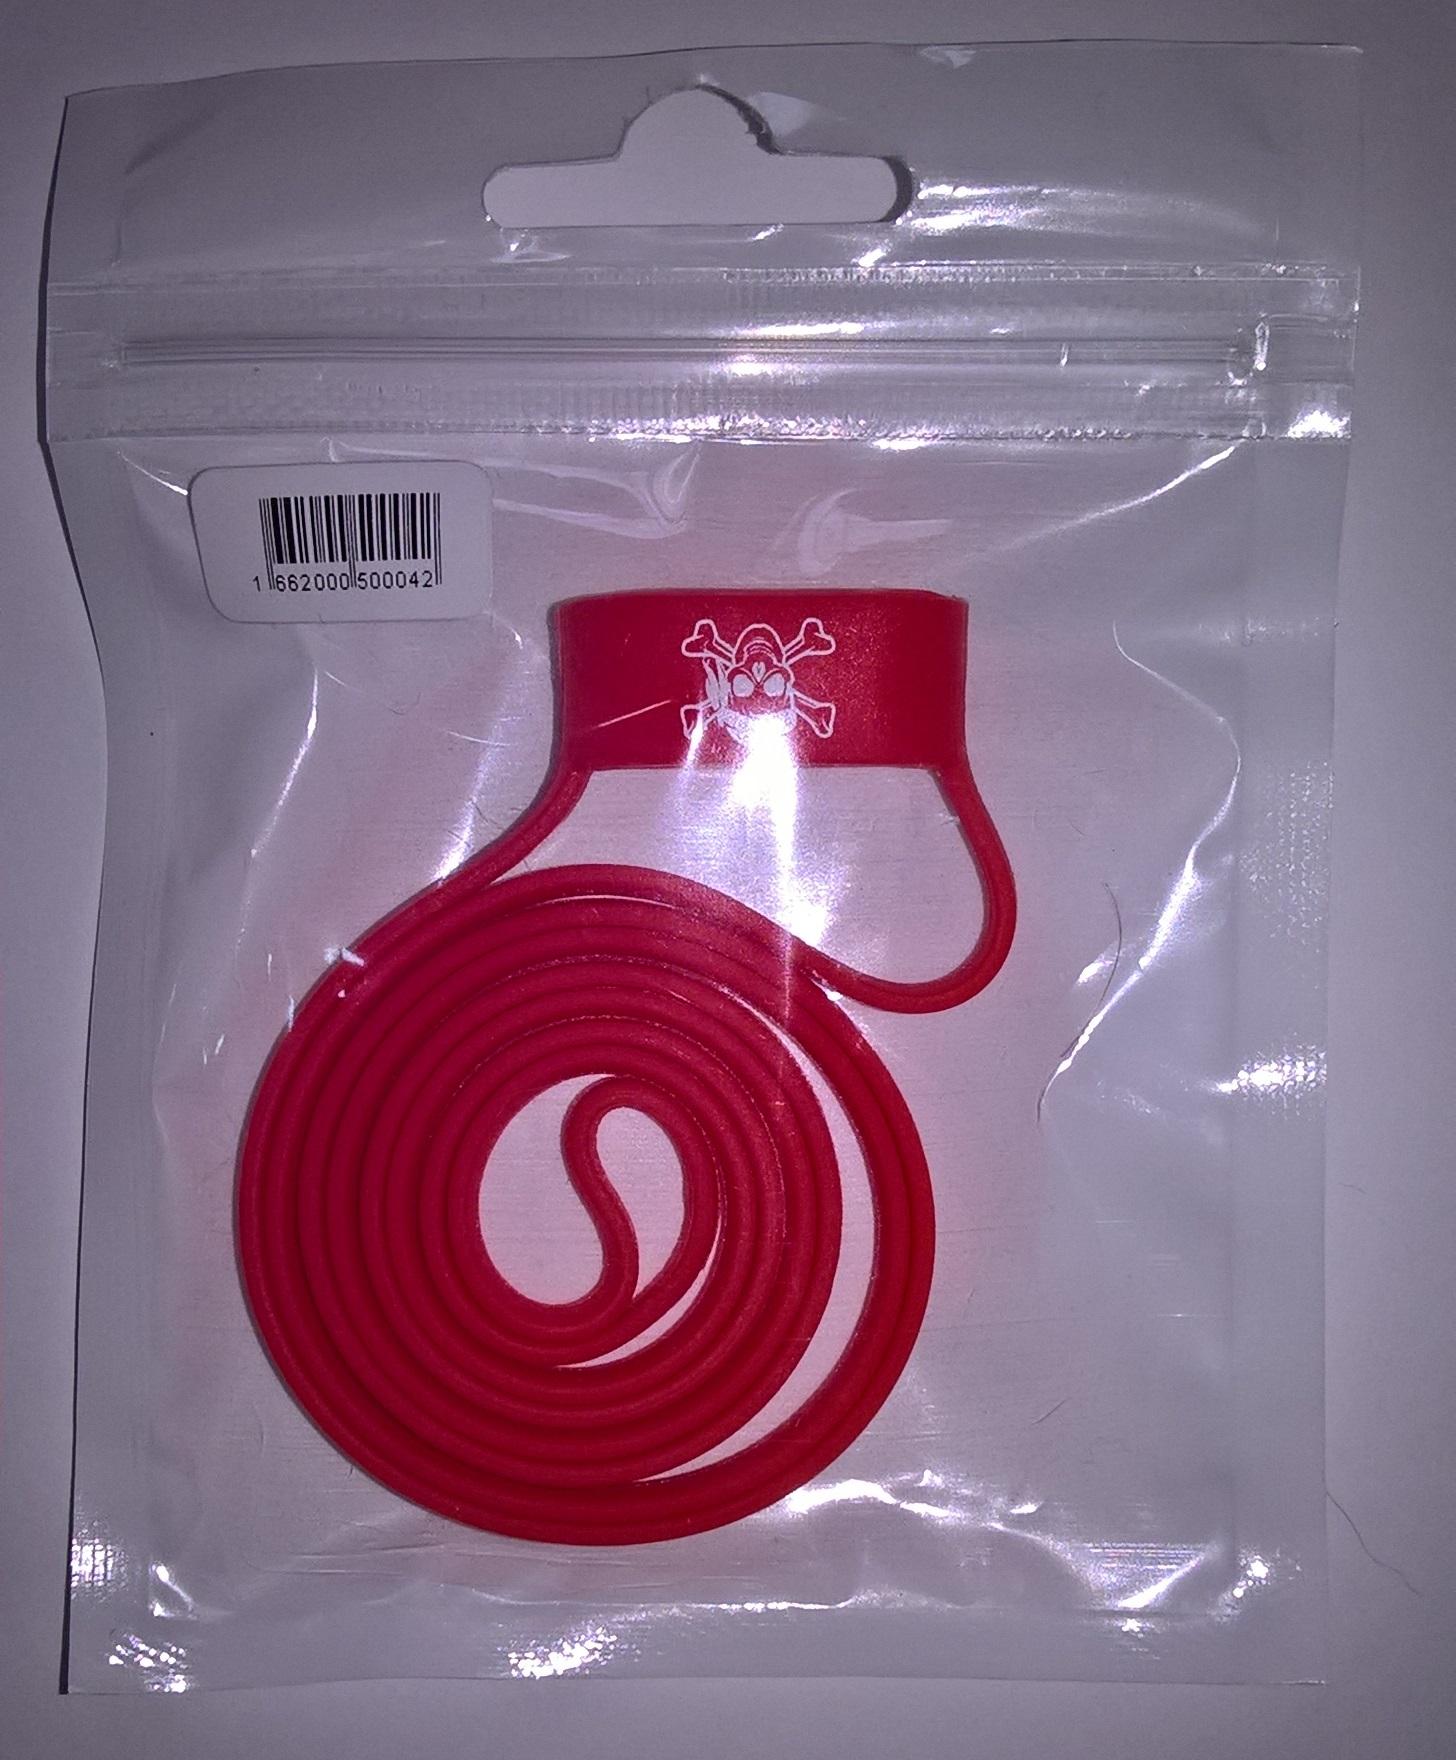 Vapesoon univerzální silikonová šňůrka na e-cigaretu 19-25mm 1ks Barva: Červená